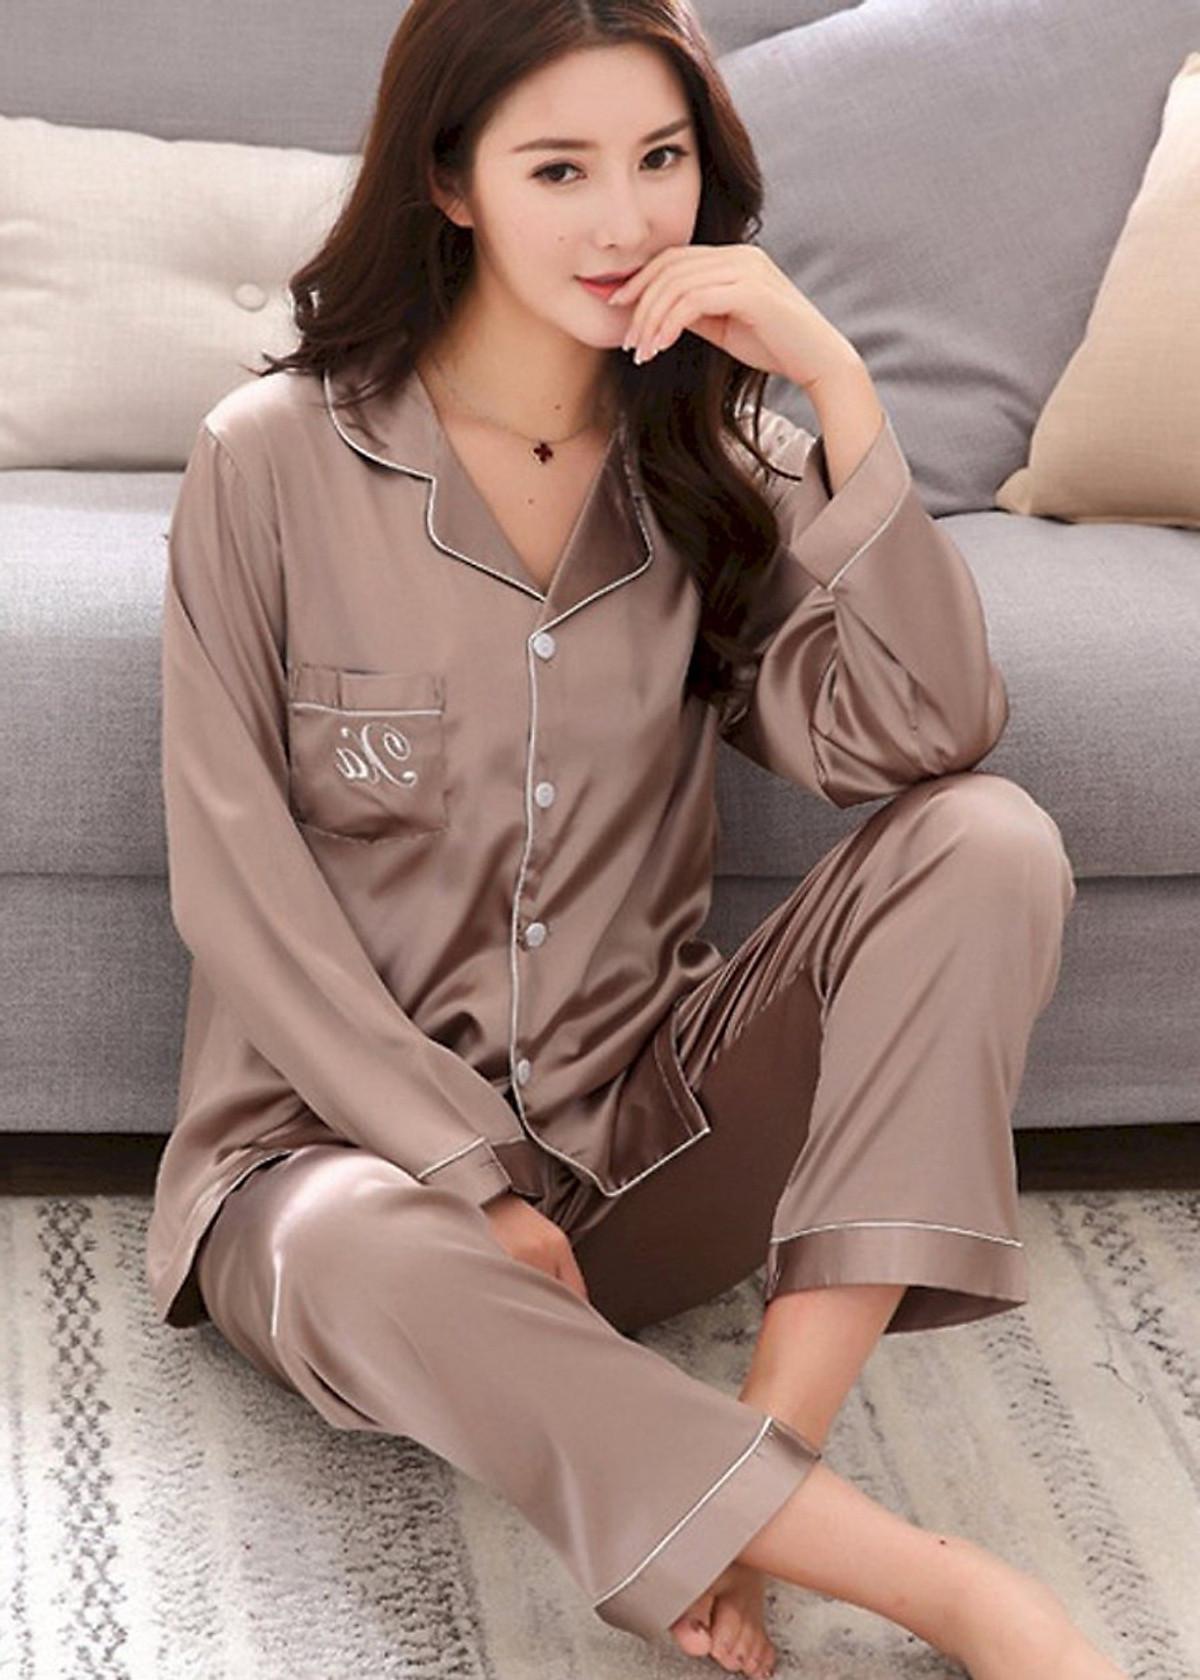 Đồ bộ mặc nhà Nữ chất liệu mềm mại sang chảnh-206 17